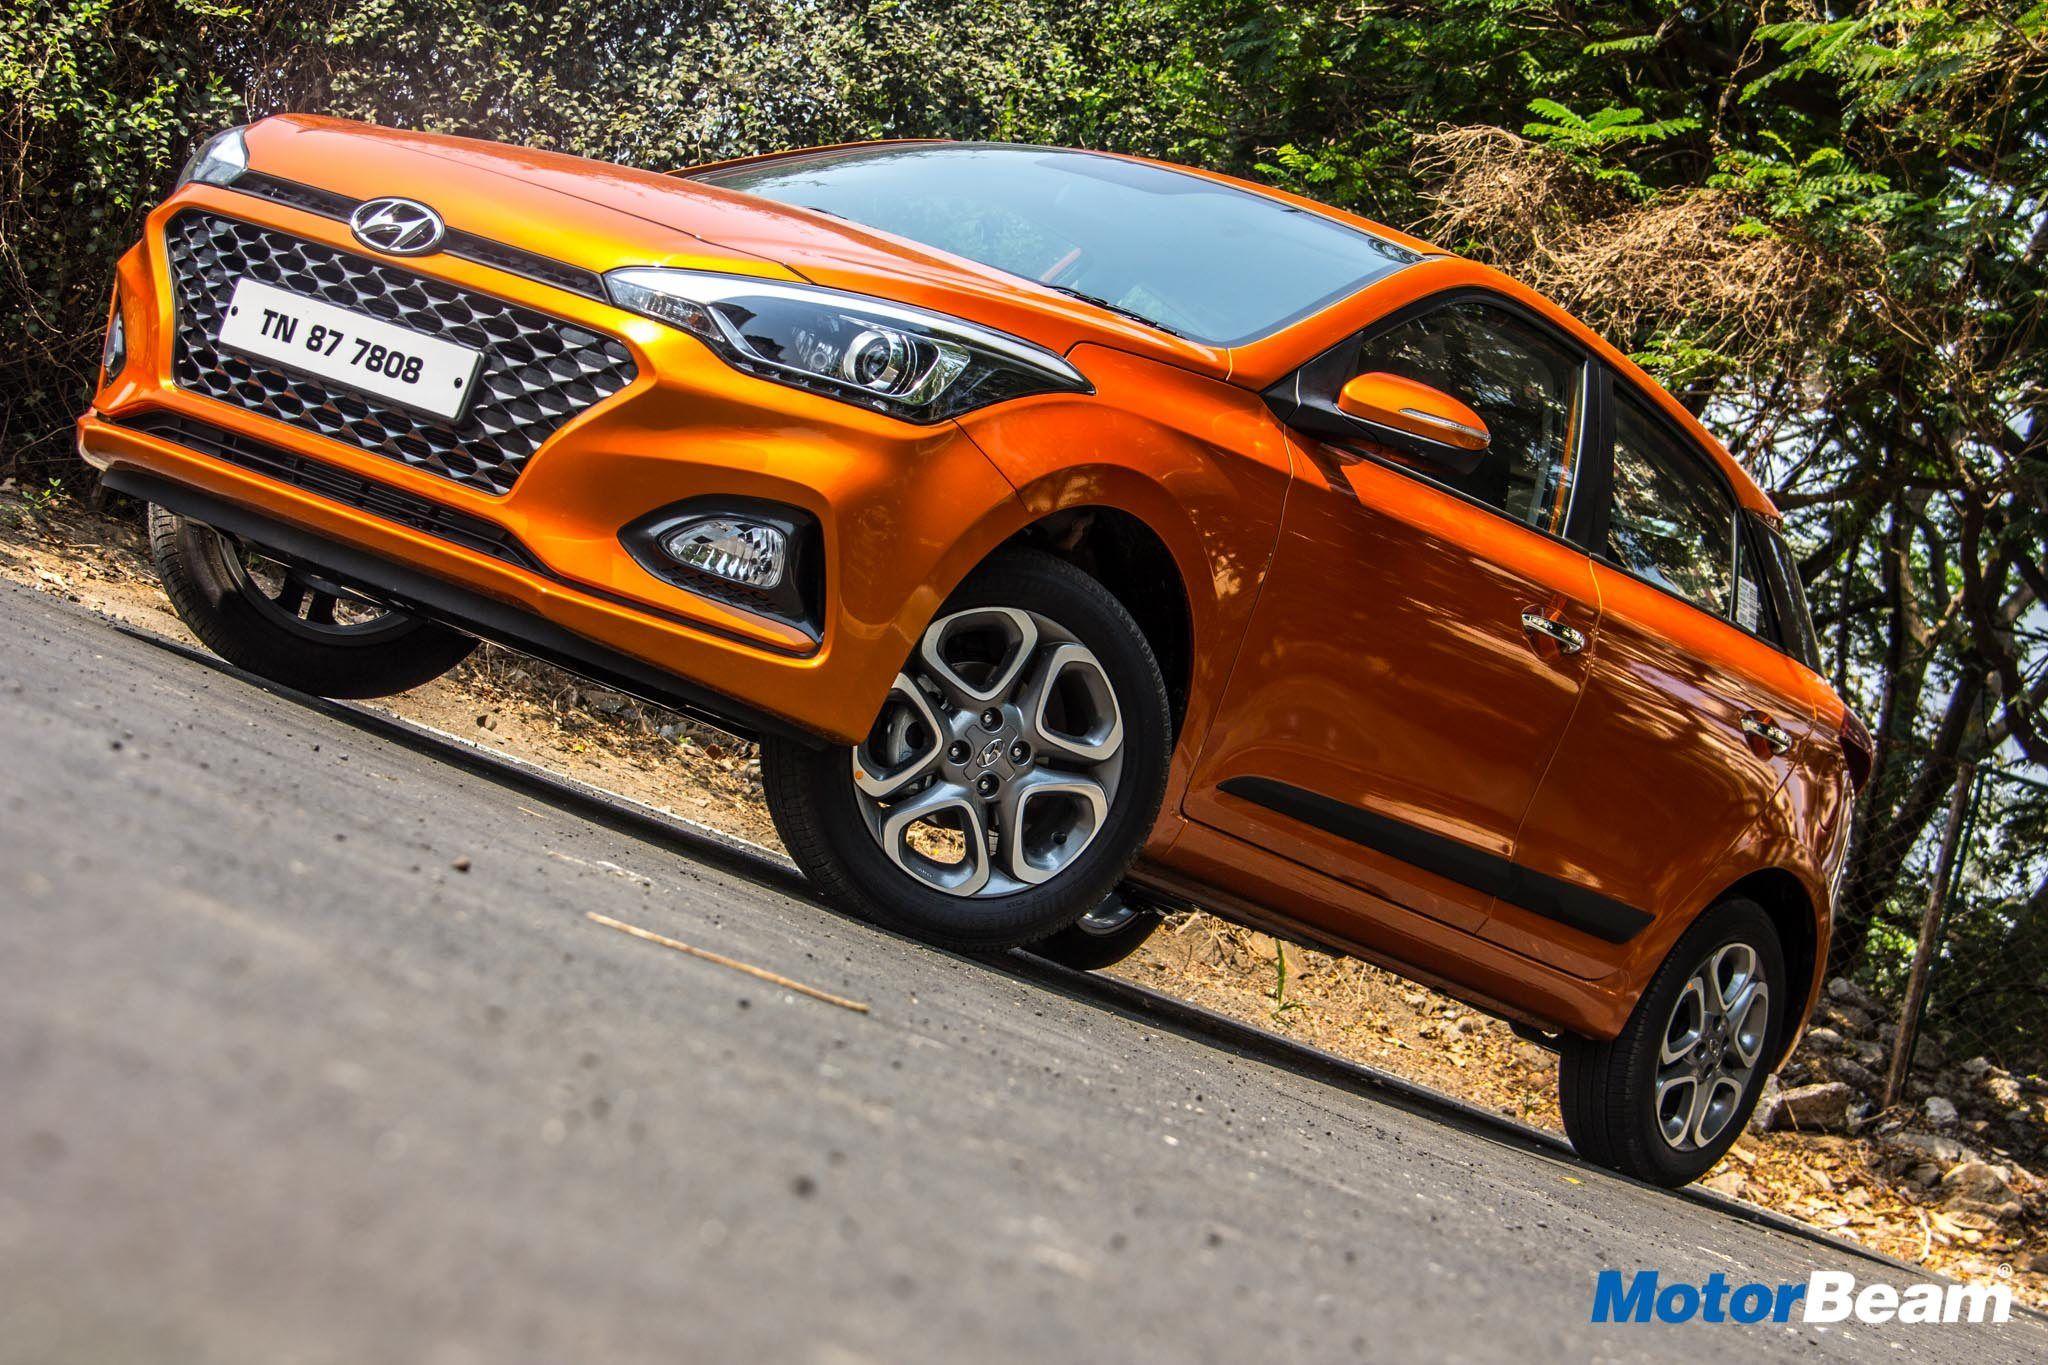 2021 Hyundai I20 Style In 2020 Hyundai Driving Test Hyundai Cars